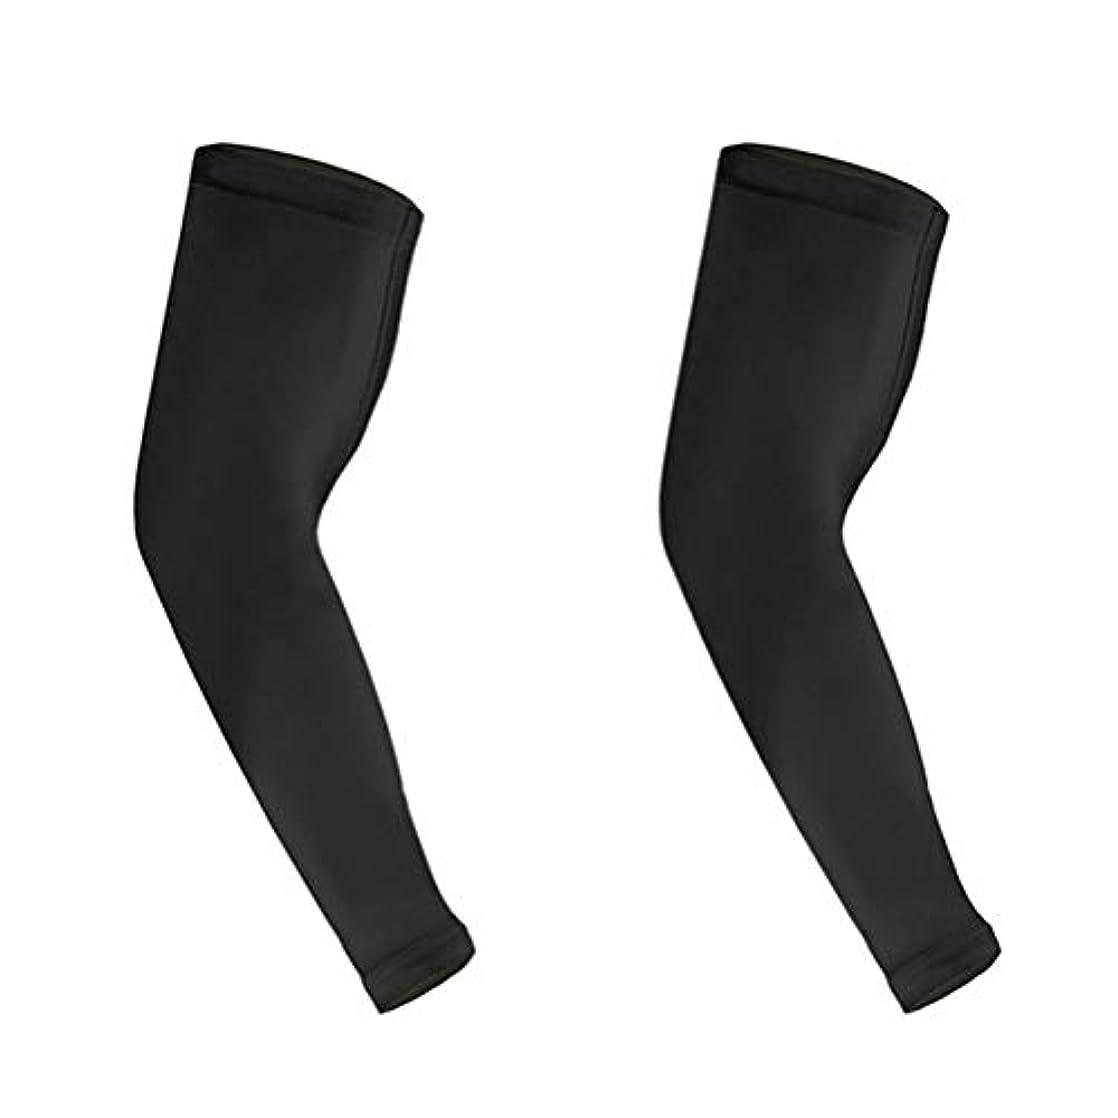 尊敬決めます否定するHEALIFTY 男性用スポーツアームスリーブ肘袖ロング肘サポートスリーブM 2本(ブラック)